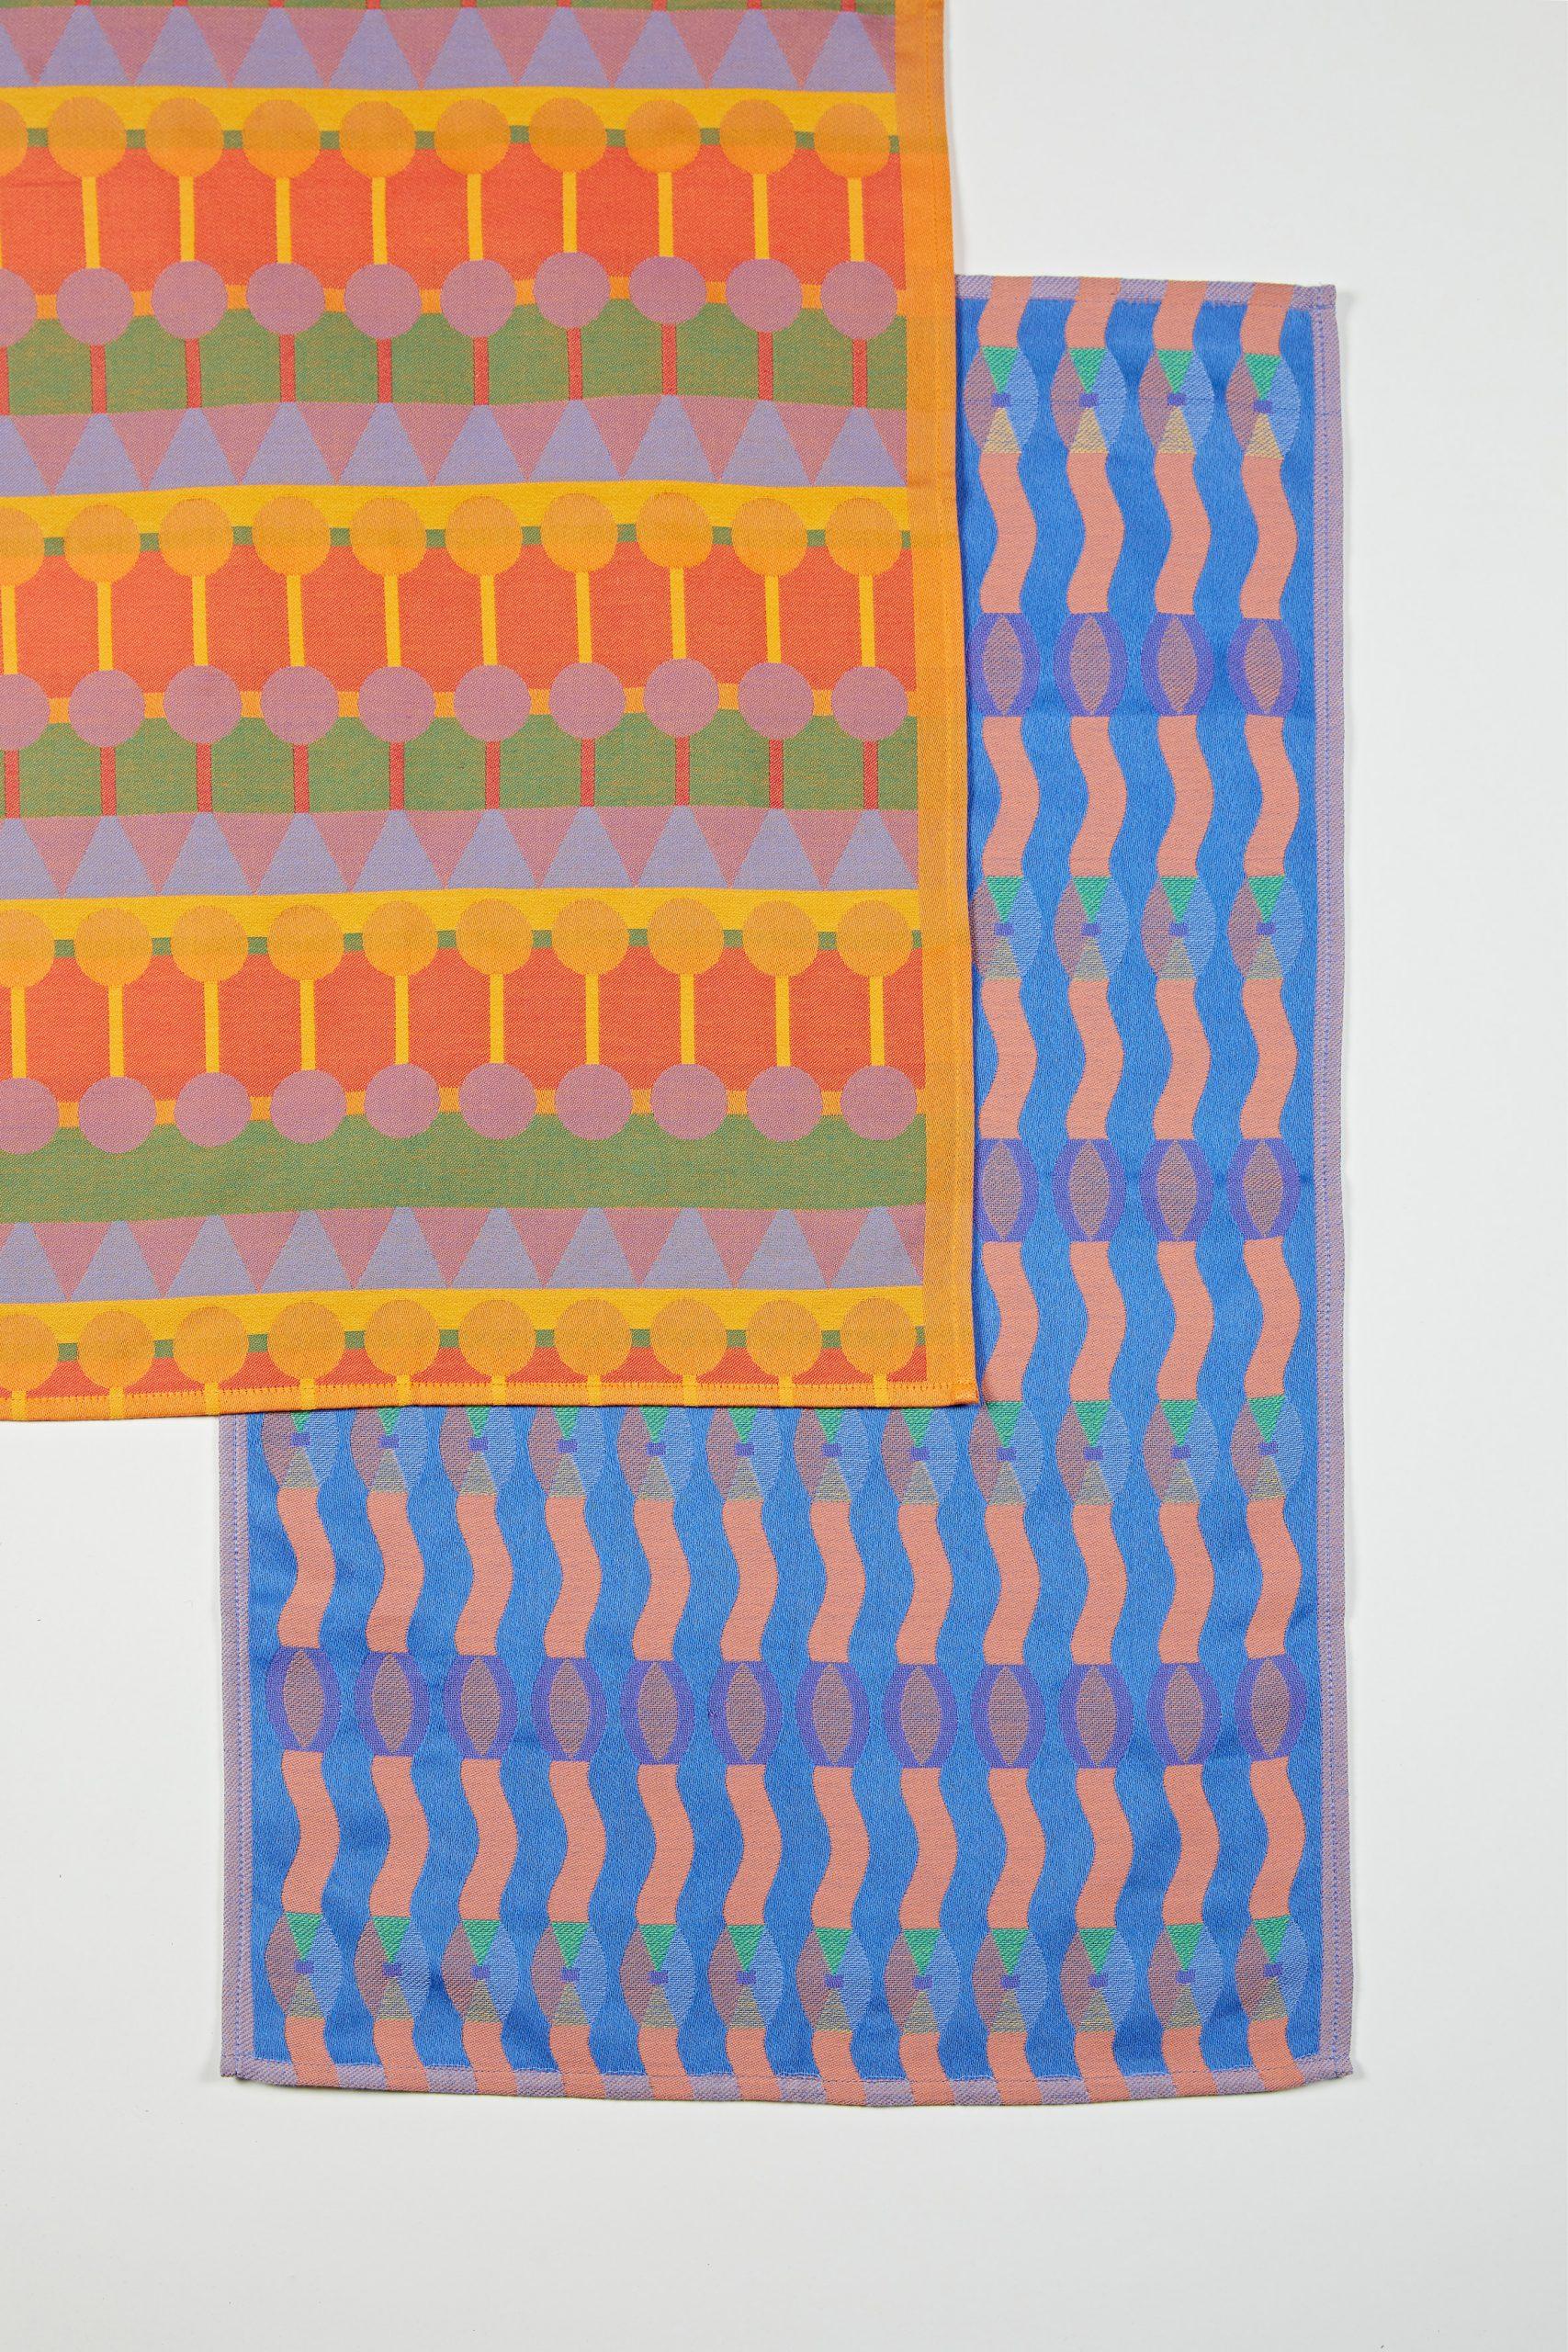 Aami aami and Omi set of tea towels